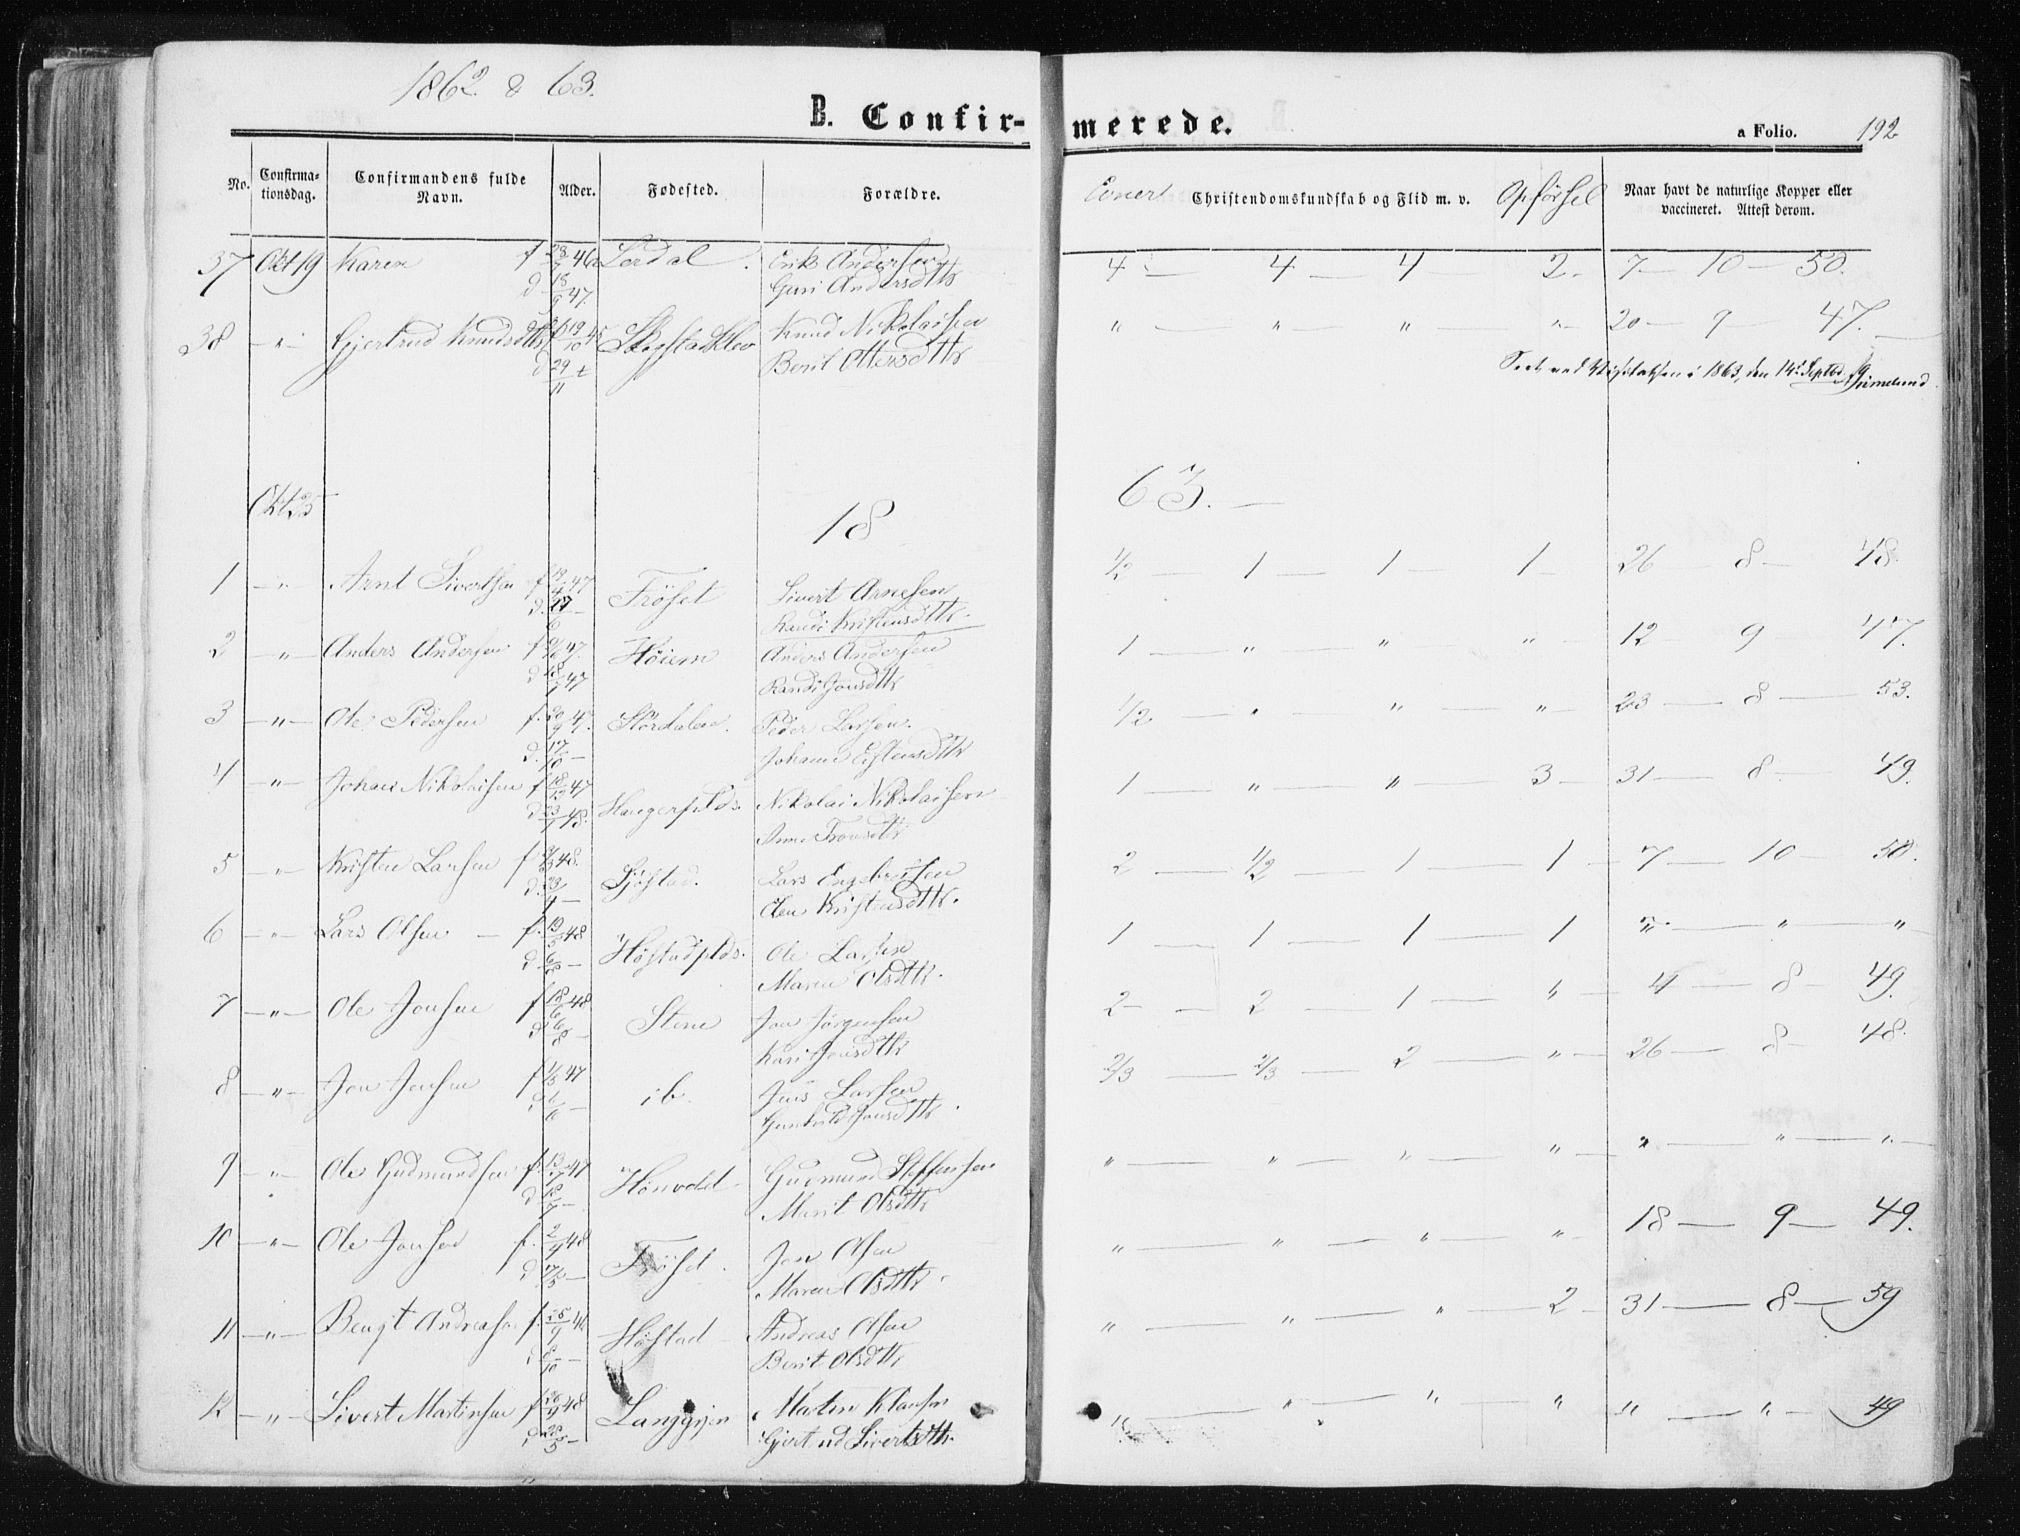 SAT, Ministerialprotokoller, klokkerbøker og fødselsregistre - Sør-Trøndelag, 612/L0377: Ministerialbok nr. 612A09, 1859-1877, s. 192